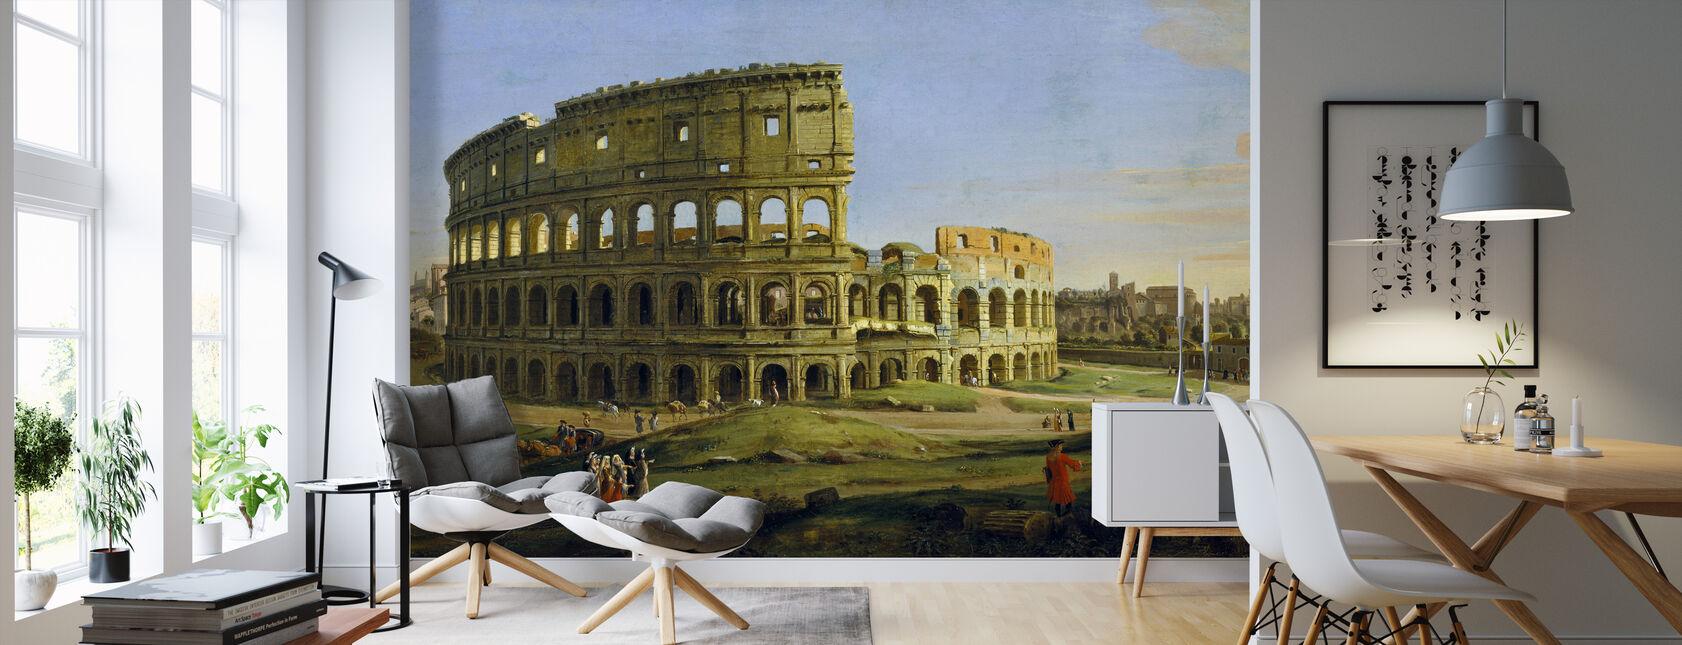 Colosseum - Gaspar van Wittel - Behang - Woonkamer